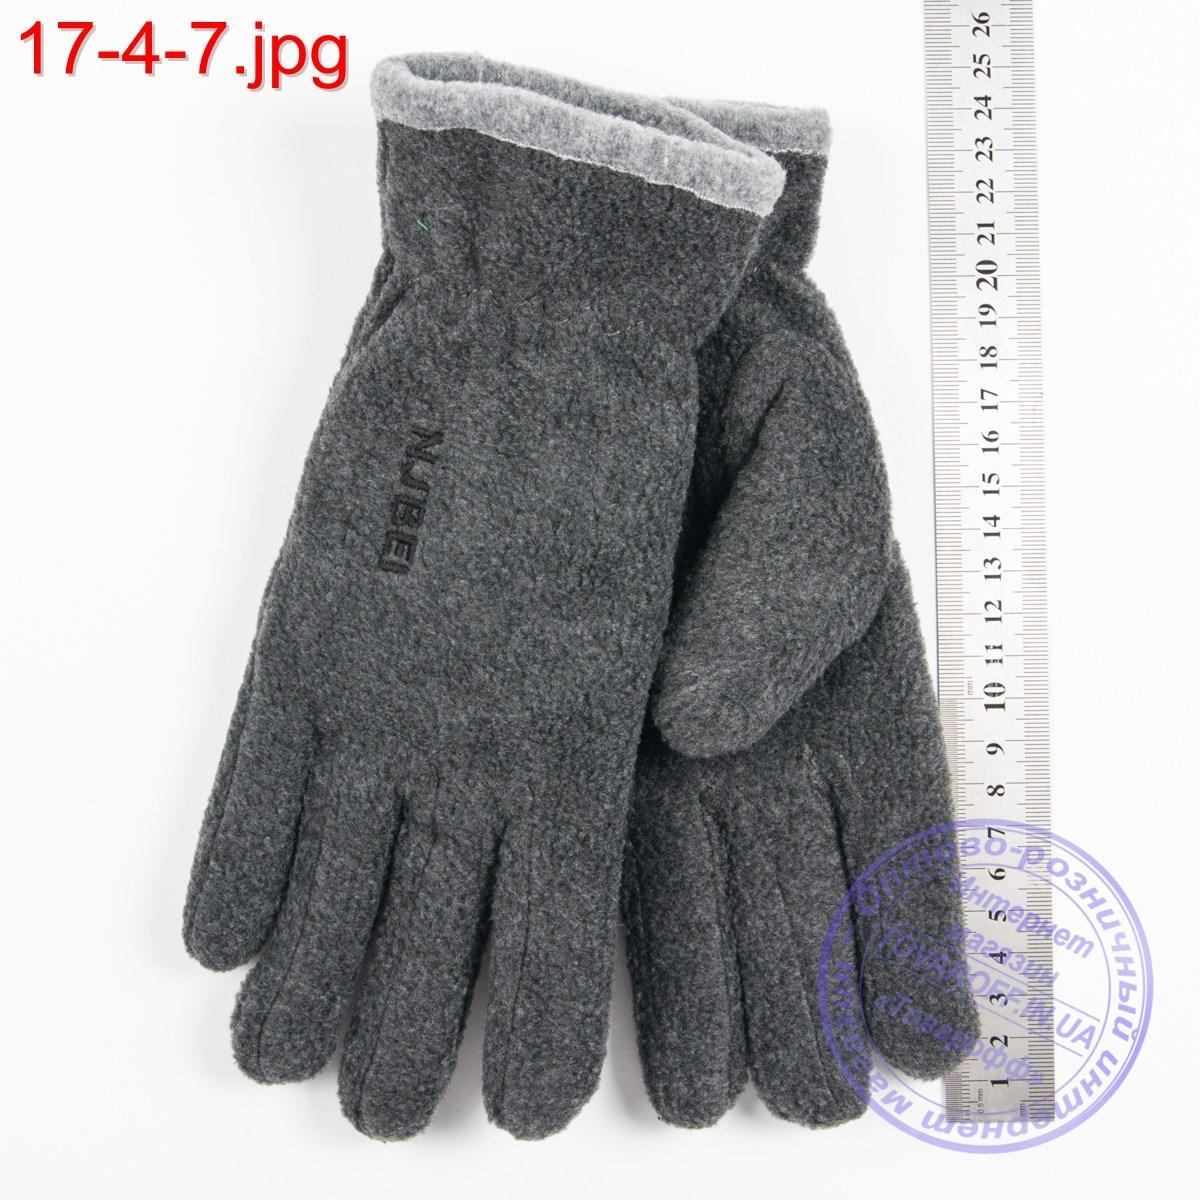 Оптом двойные мужские флисовые перчатки серые - №17-4-7